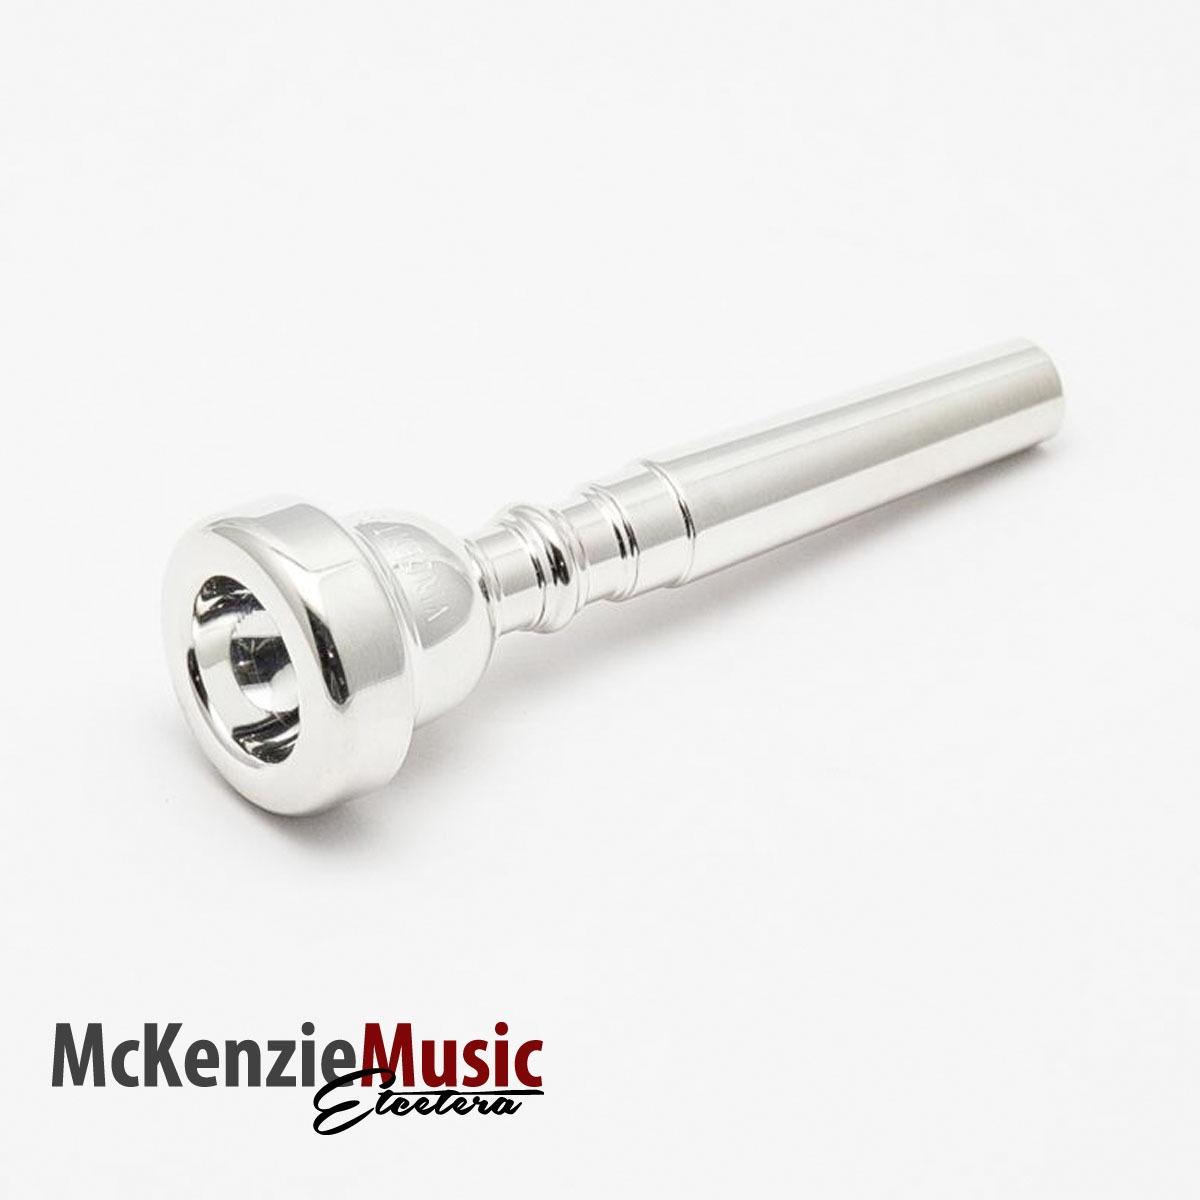 Bach Trumpet Mouthpiece 3C